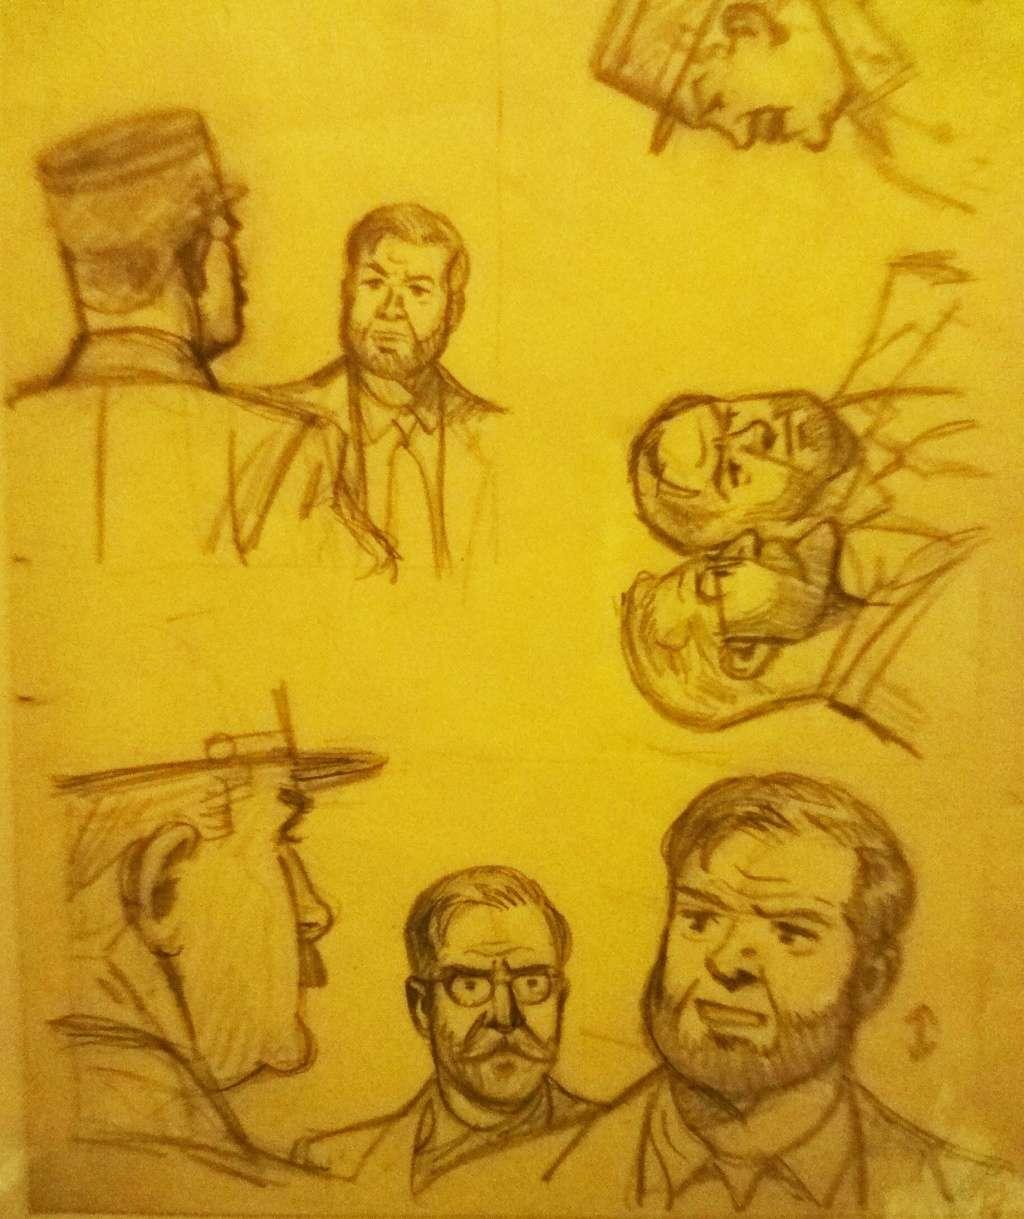 Pleins feux sur Edgar Pierre JACOBS et Blake et Mortimer (2ème partie en cours) - Page 19 Jacobs12